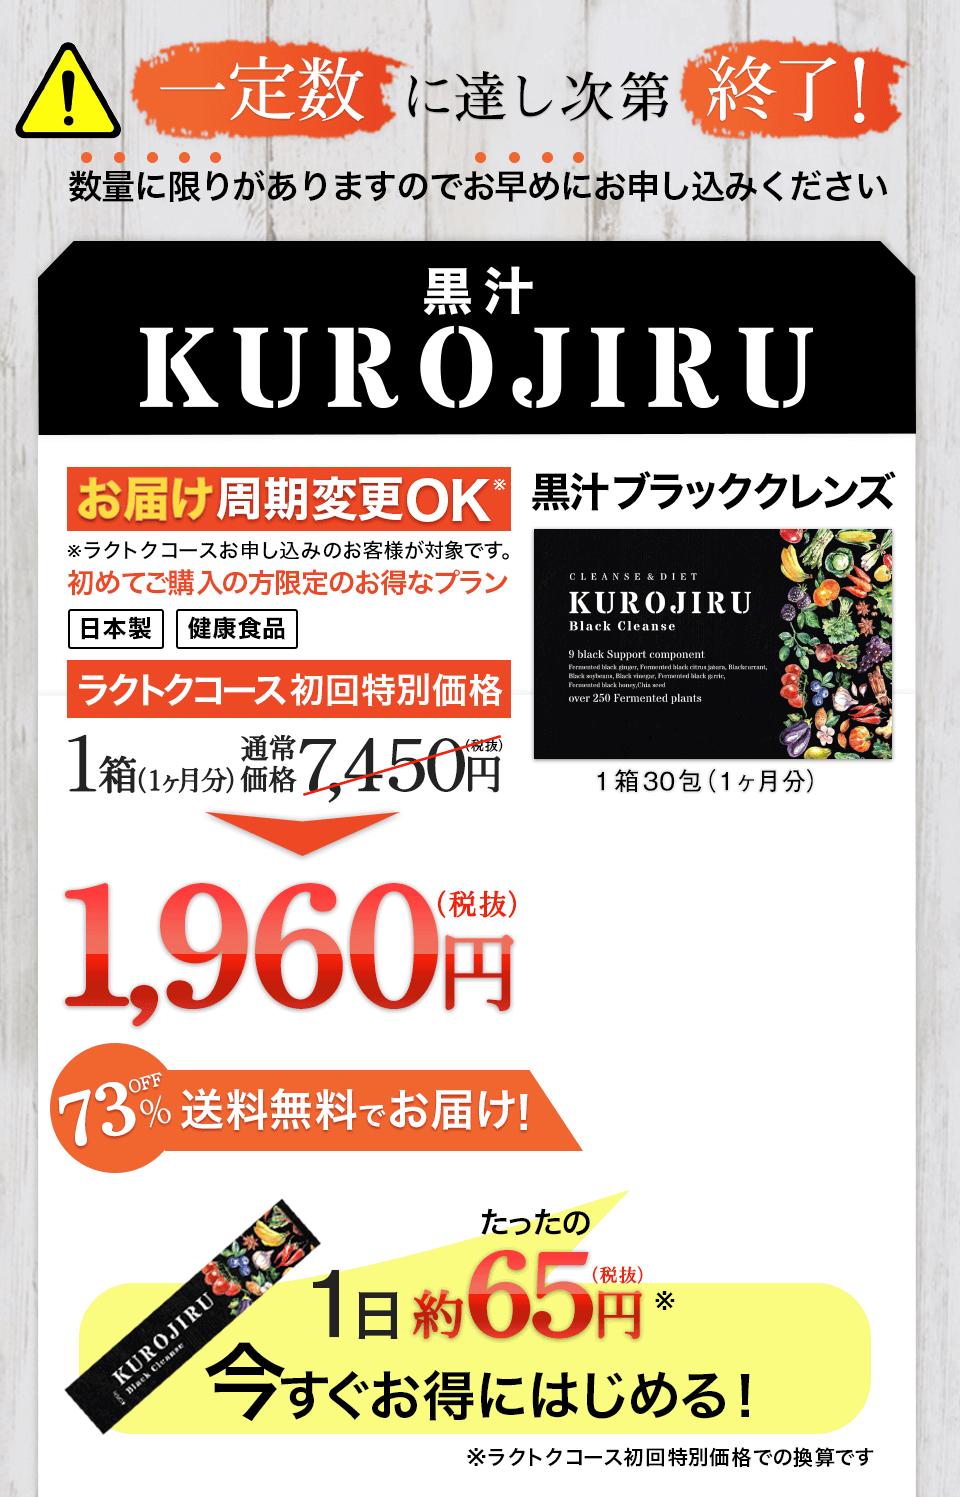 黒汁 KUROJIRU 初回特別価格 1,960円